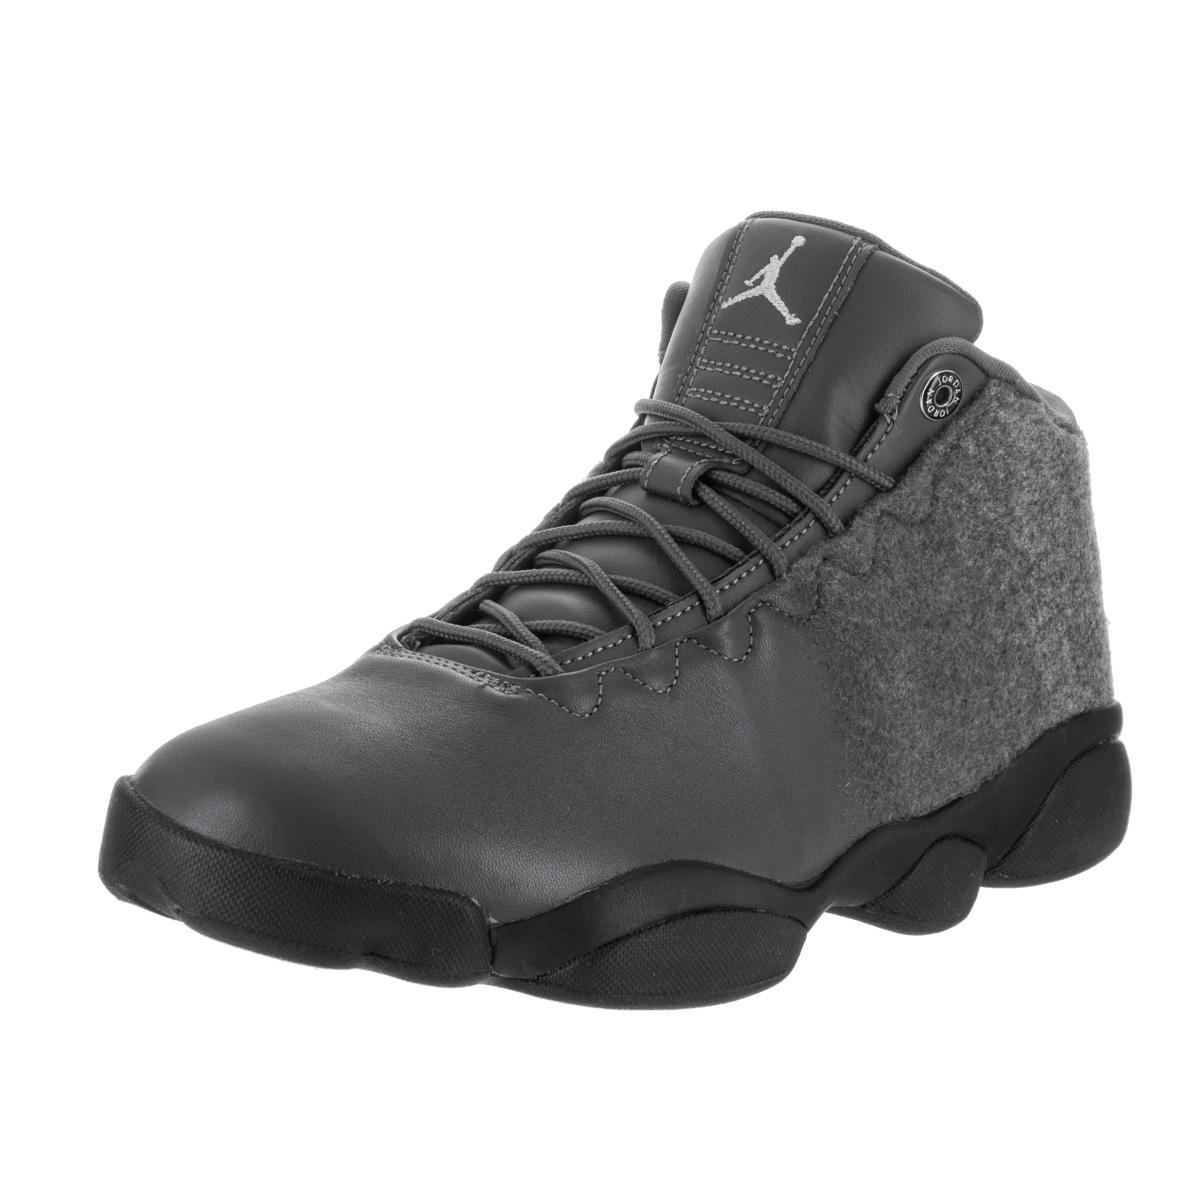 Nike Jordan Men's Jordan Horizon Low Premium Basketball S...